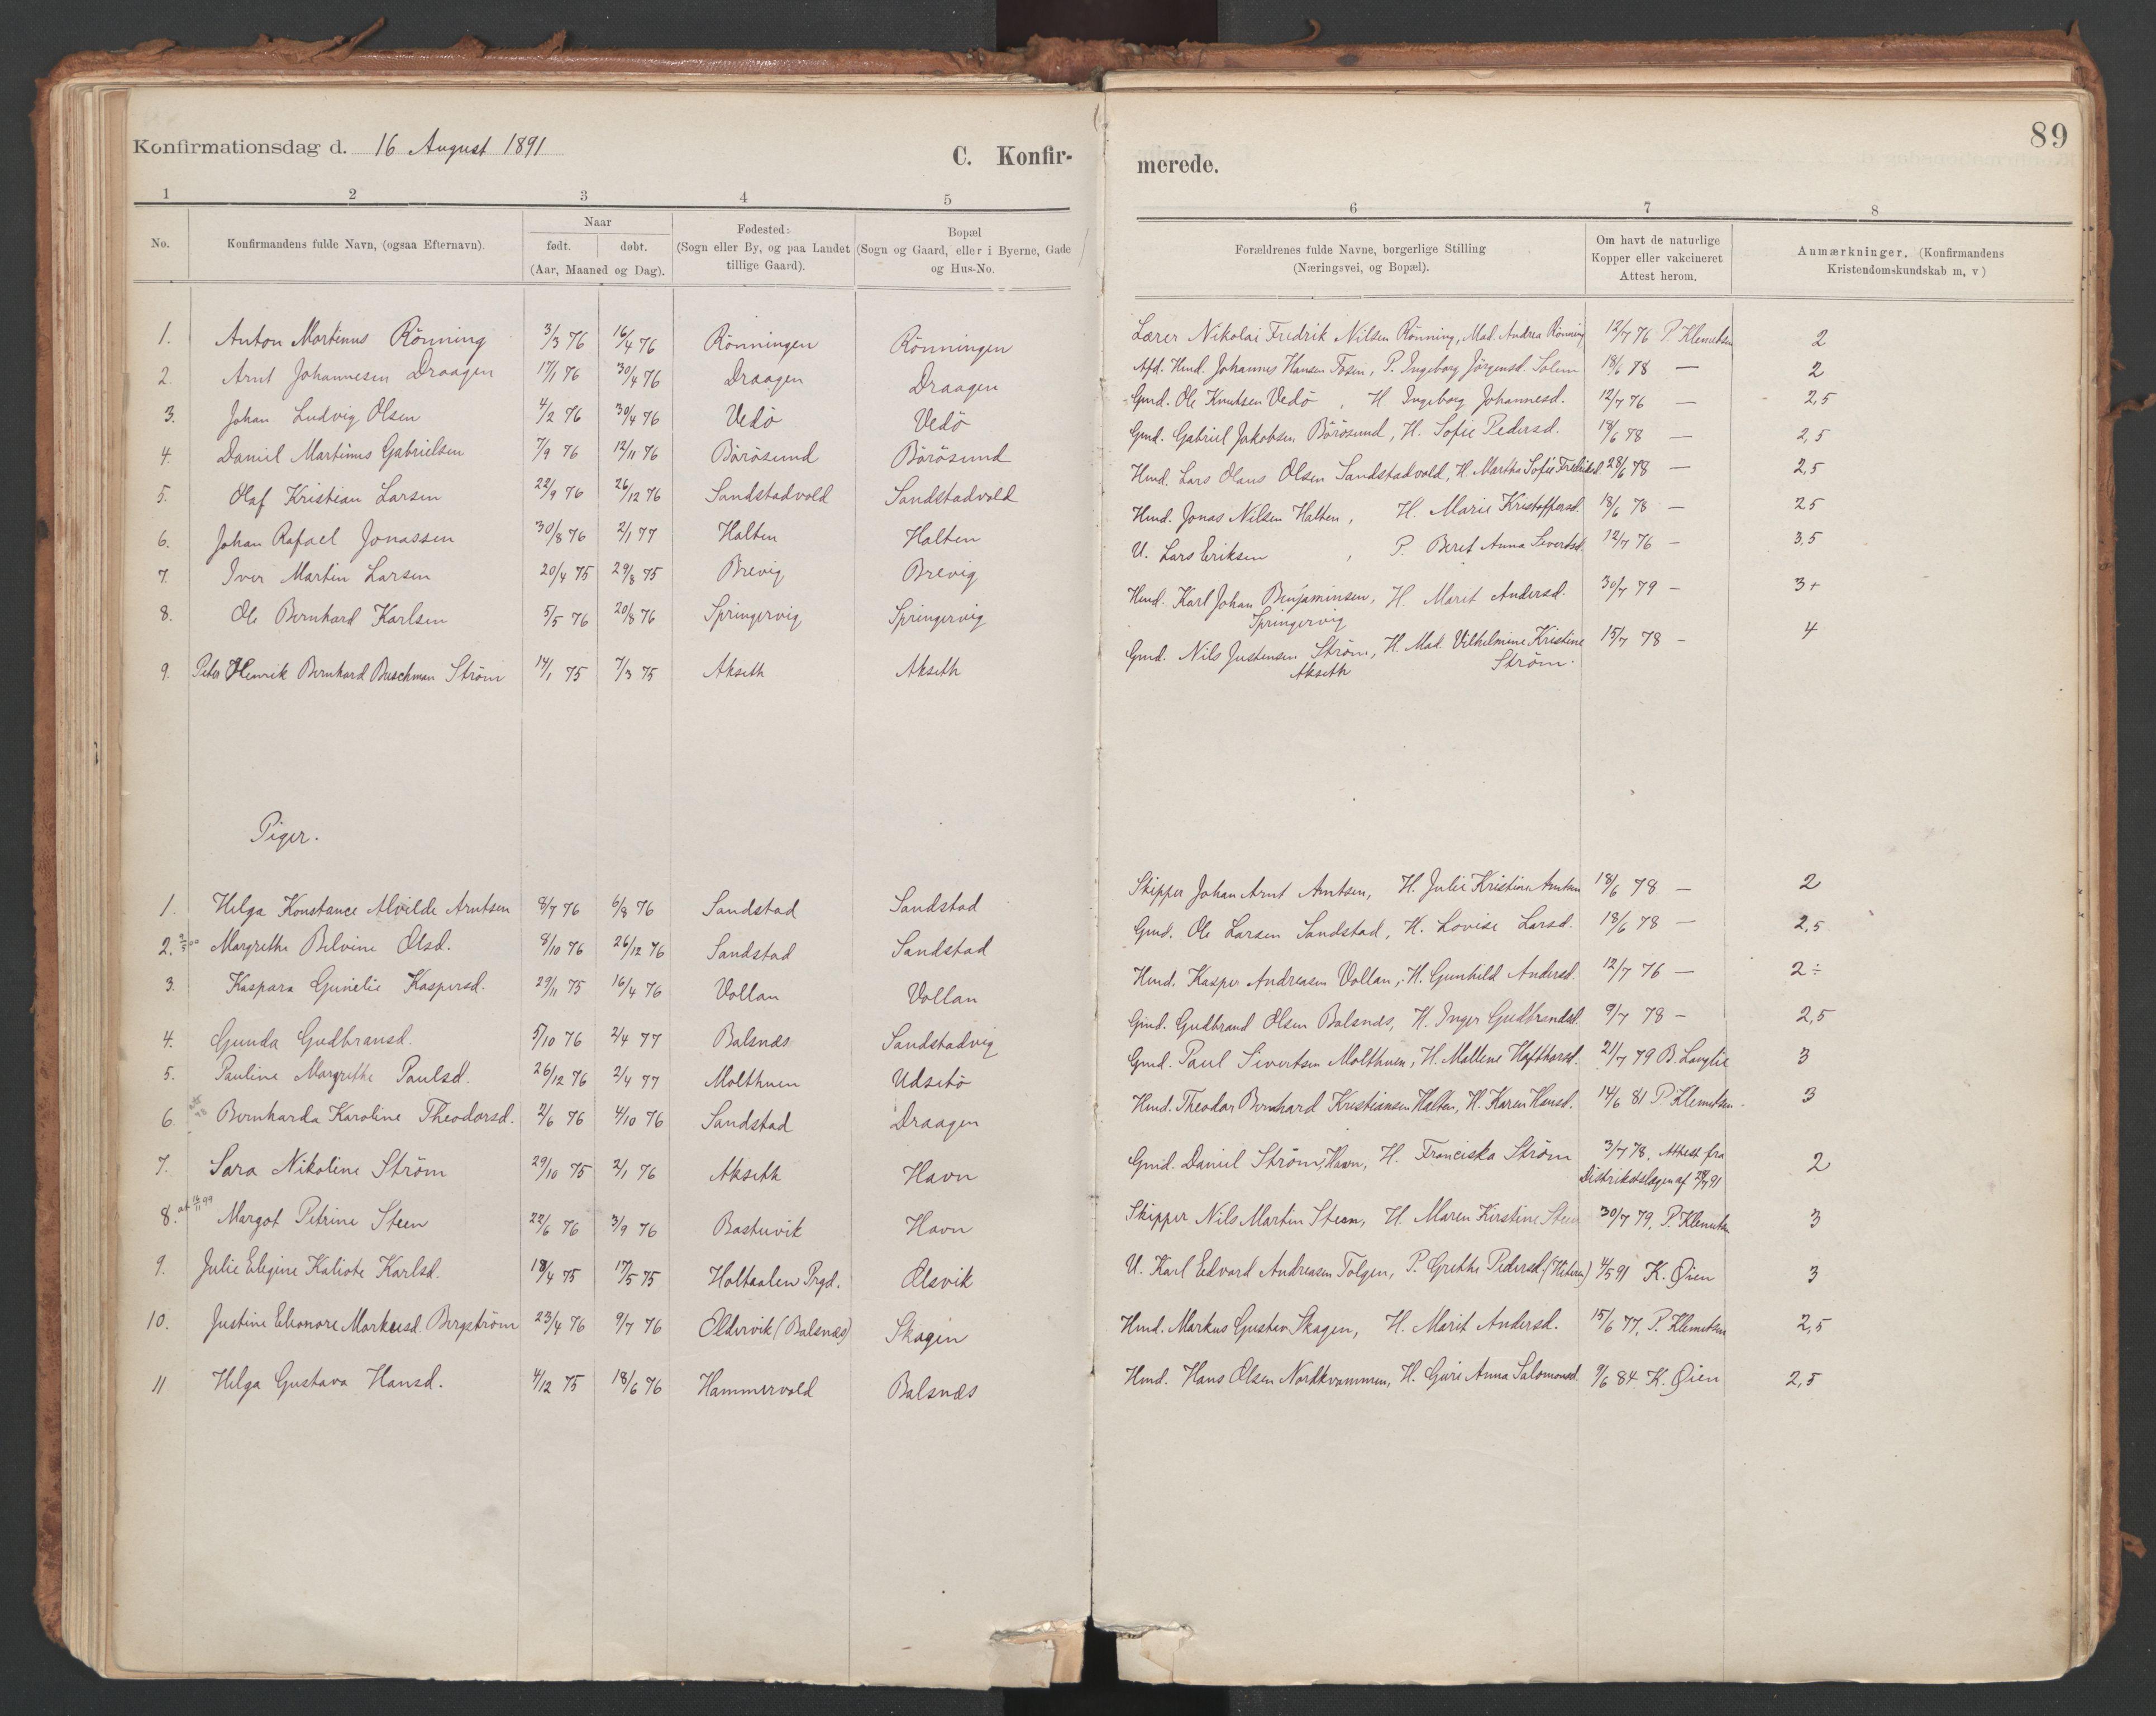 SAT, Ministerialprotokoller, klokkerbøker og fødselsregistre - Sør-Trøndelag, 639/L0572: Ministerialbok nr. 639A01, 1890-1920, s. 89